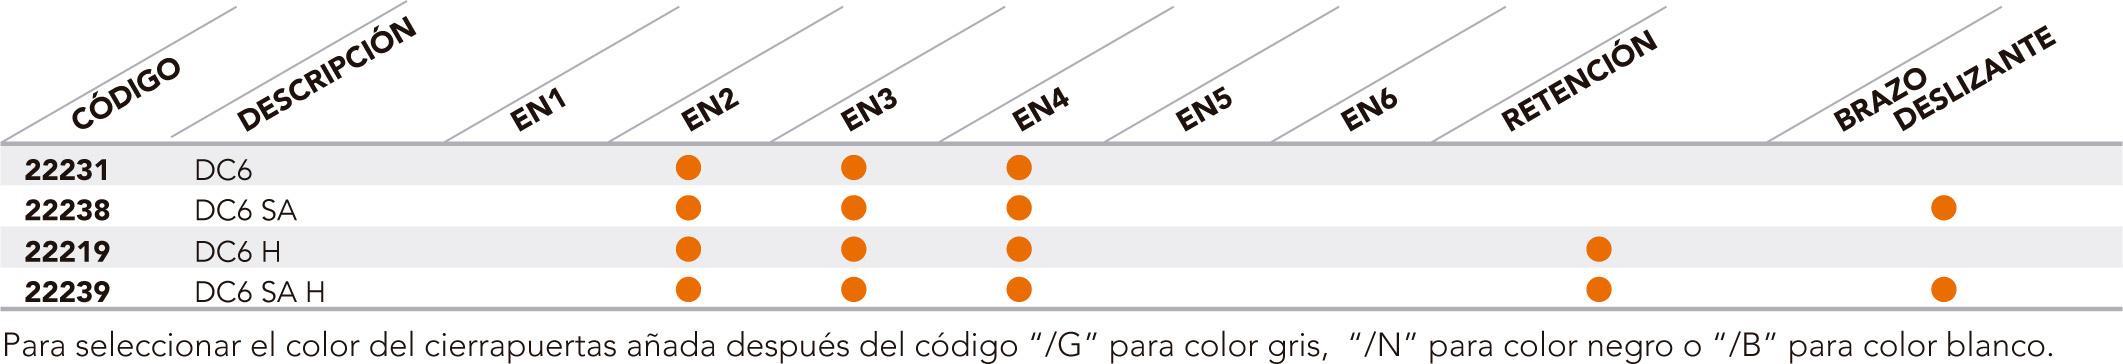 DC6_cuadro